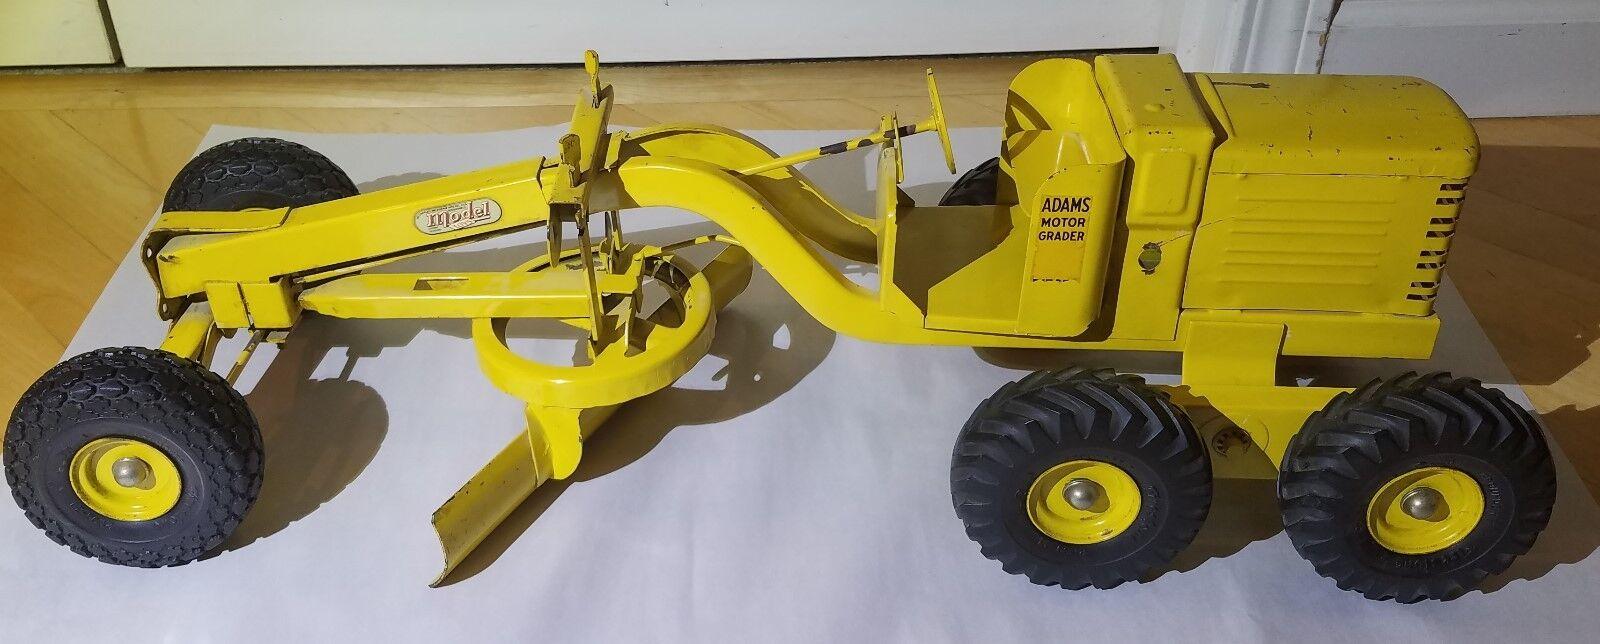 para barato Grande 26 Doepke Amarillo Adams Motoniveladora Vehículo de Construcción de de de Modelos  salida para la venta